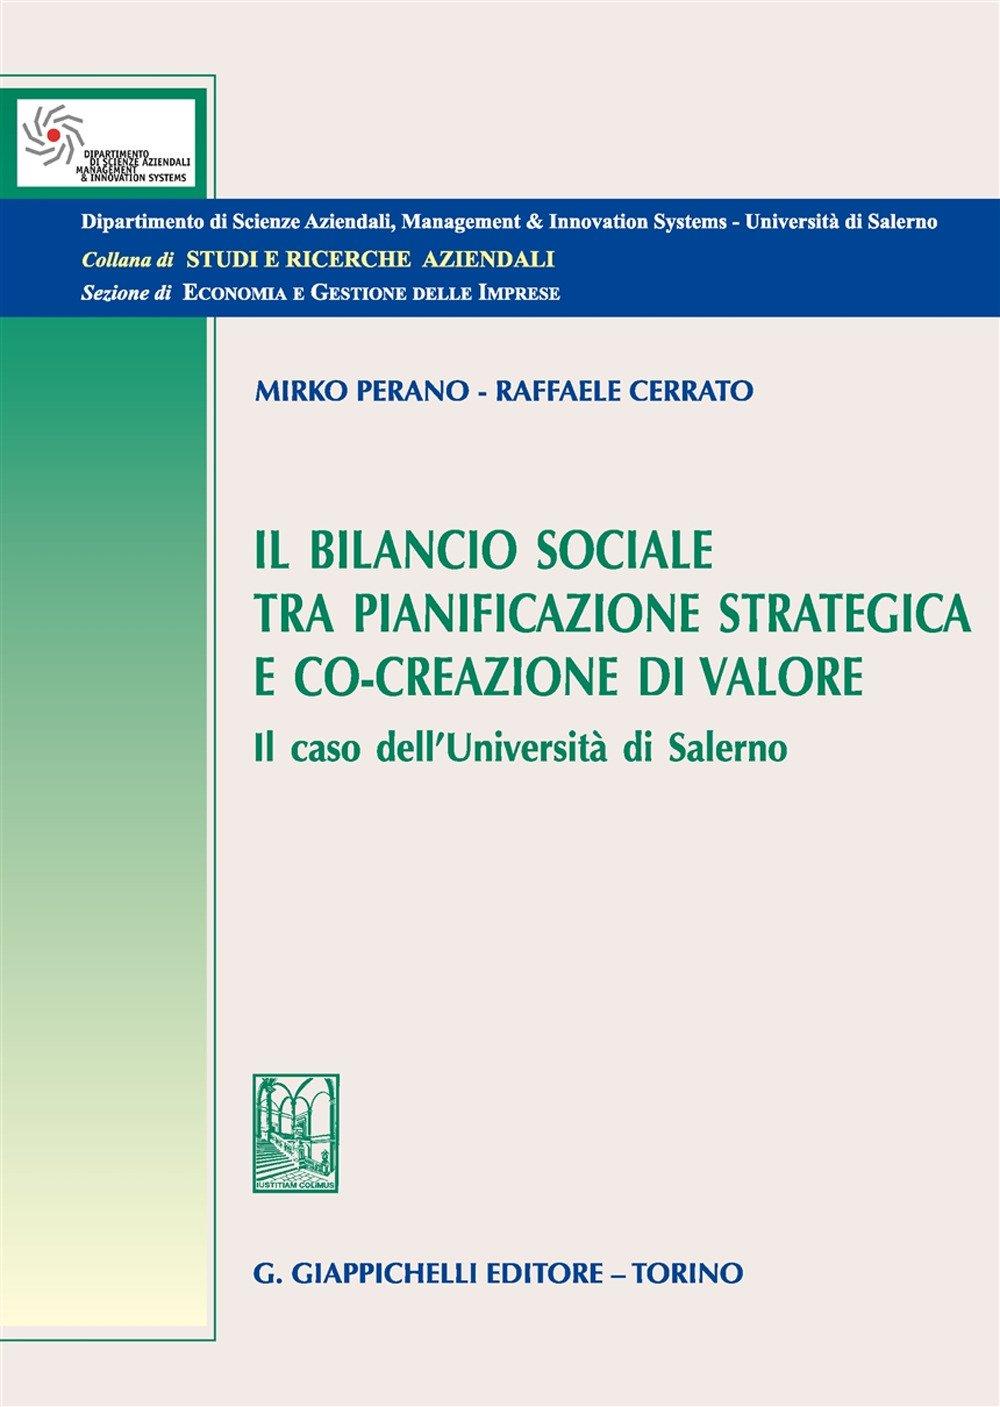 L'impatto della rendicontazione sociale nella programmazione e pianificazione strategica negli atenei